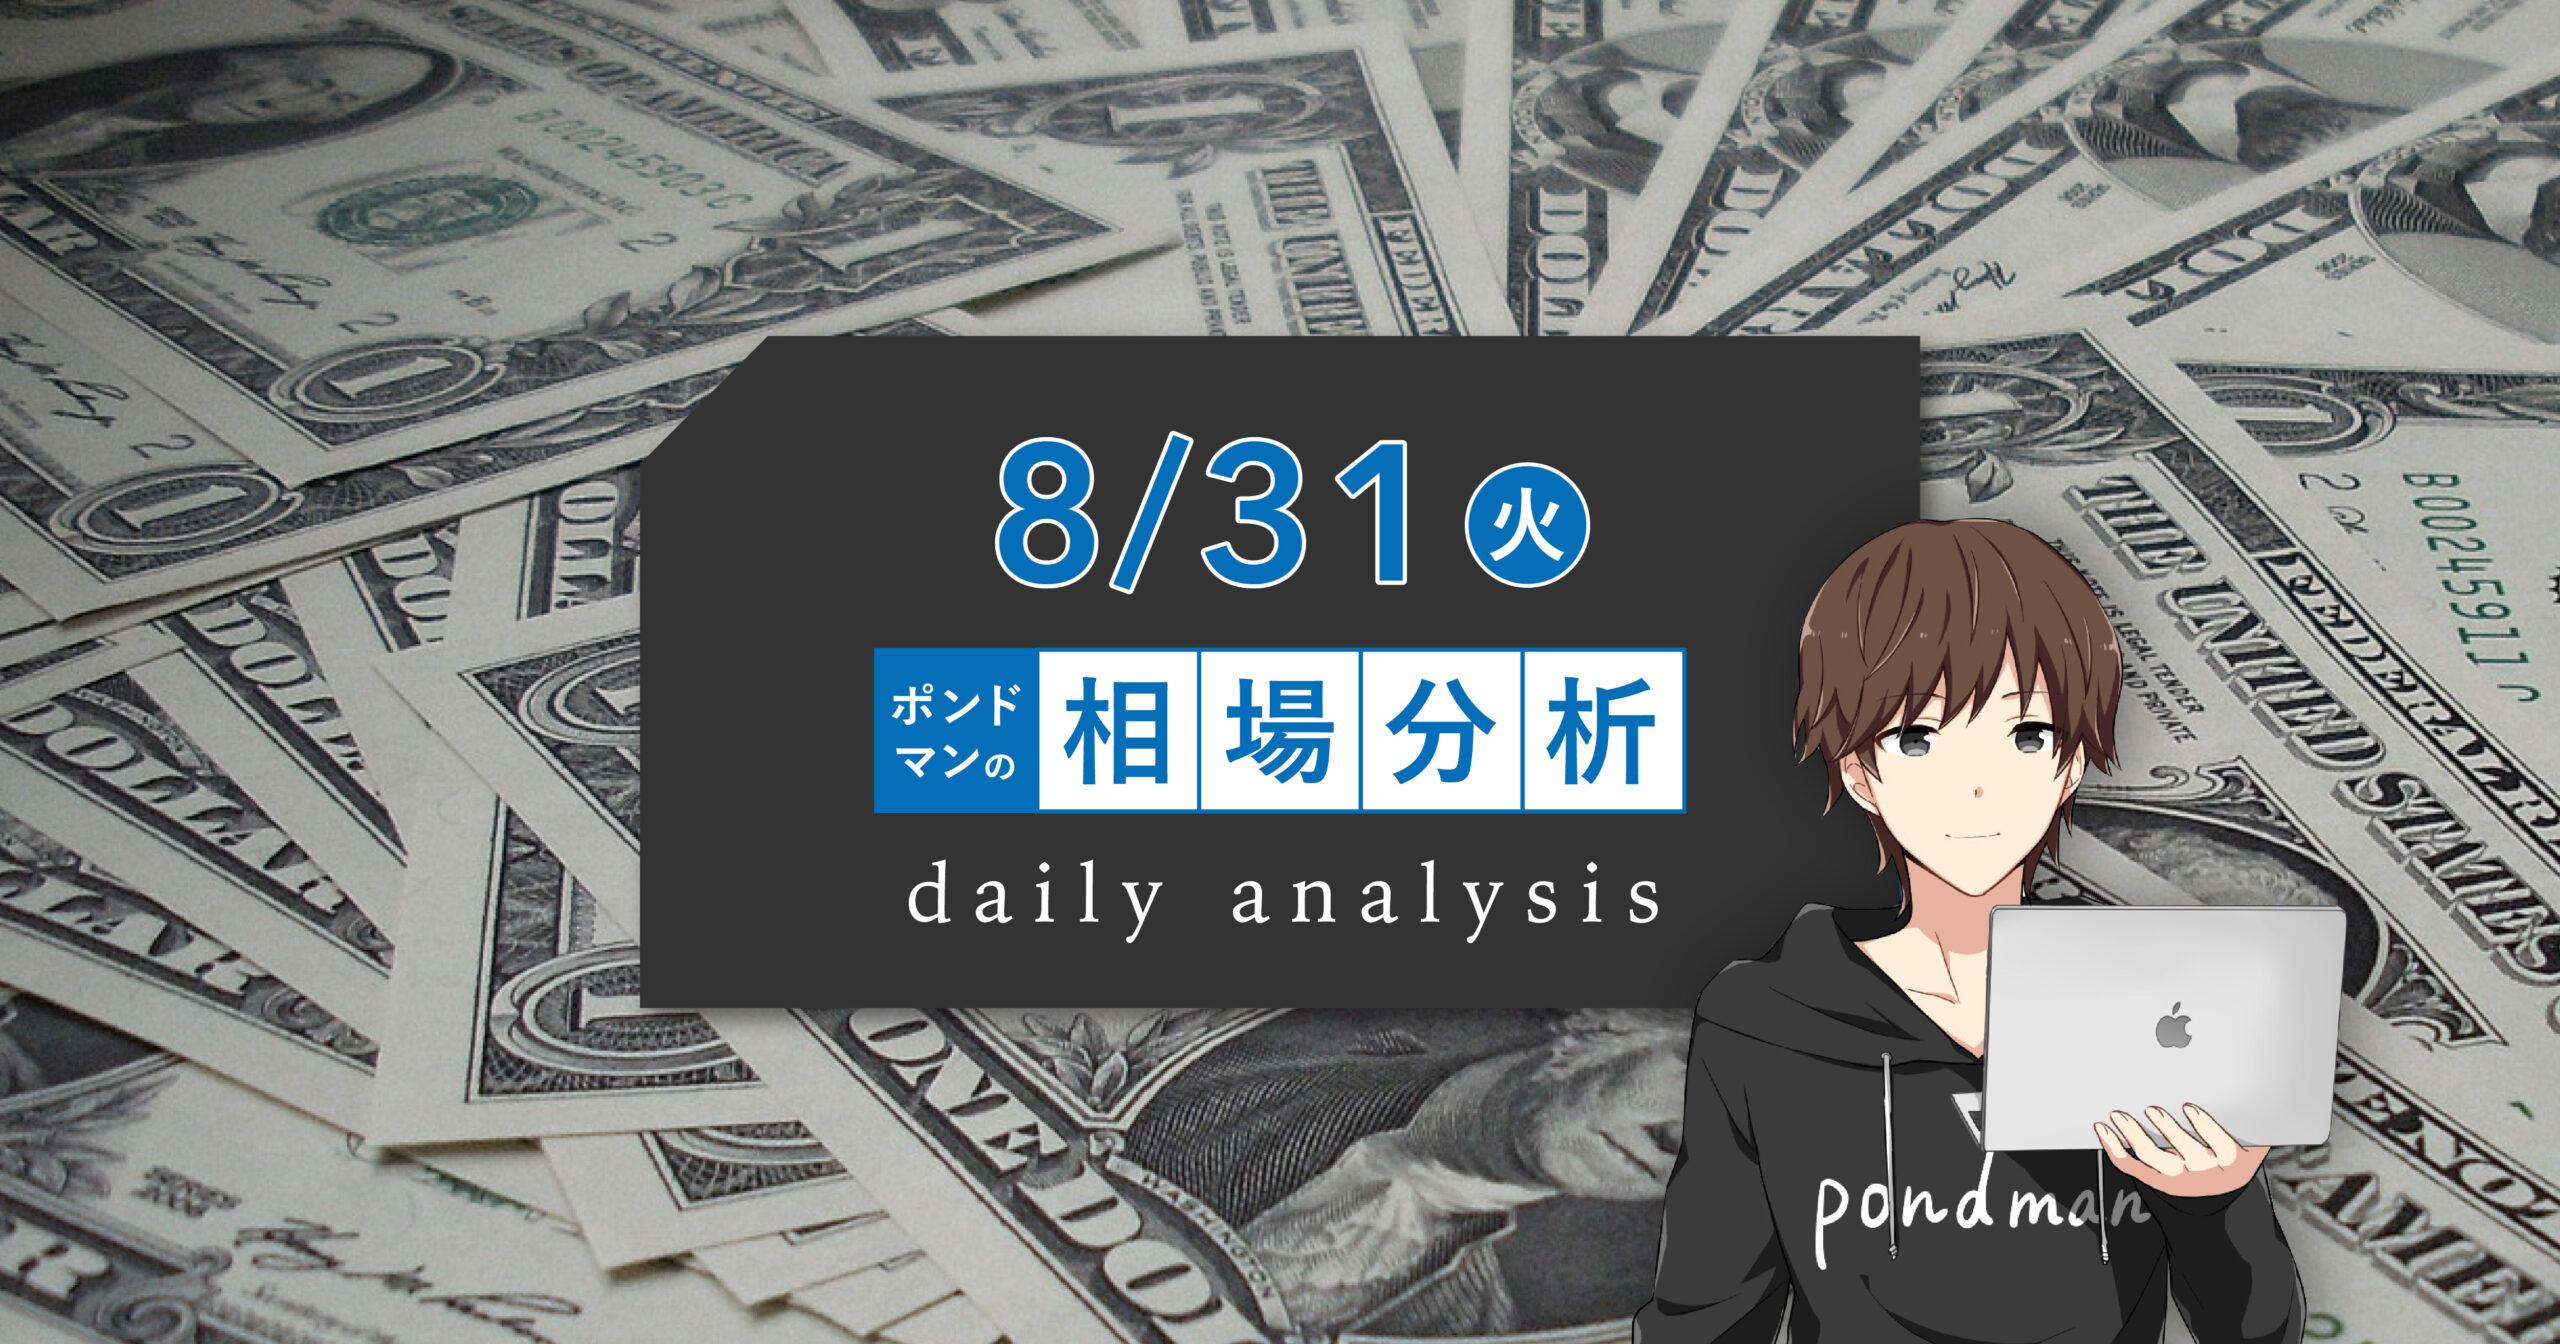 【8月31日相場分析】経済の見通しは?各国の消費者物価指数を確認しましょう!